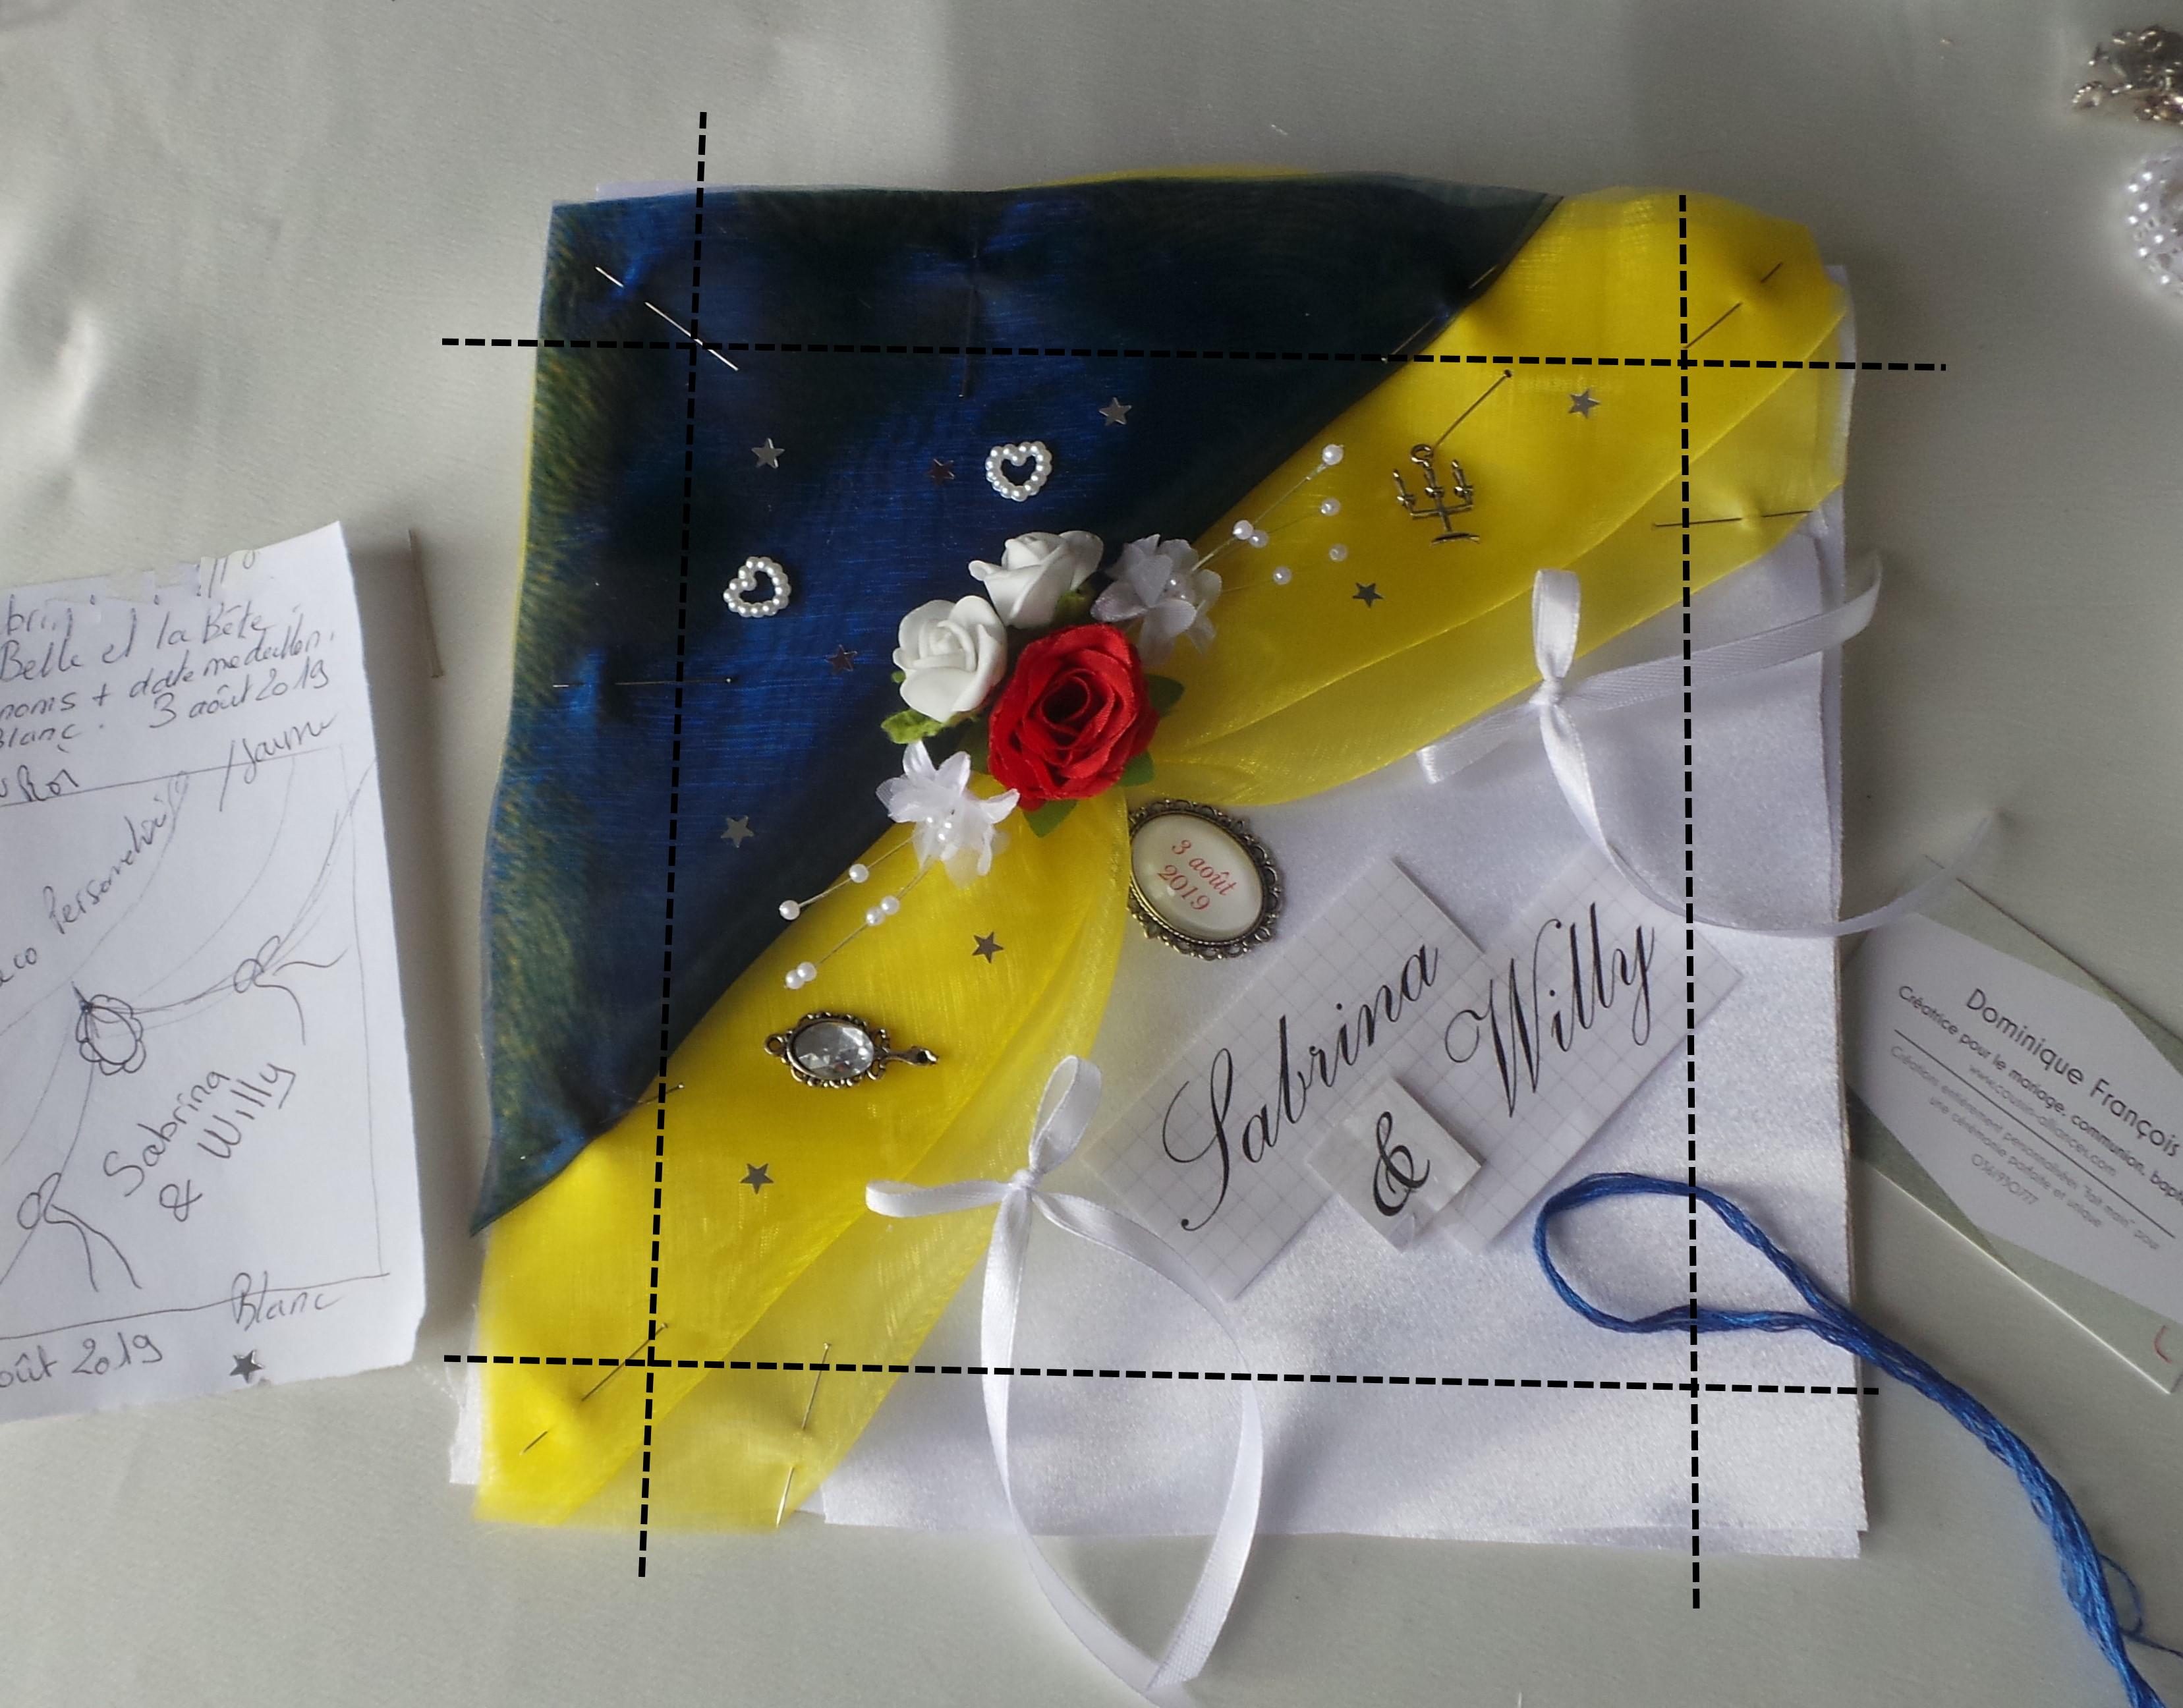 coussin mariage jaune bleu la Belle et la Bête